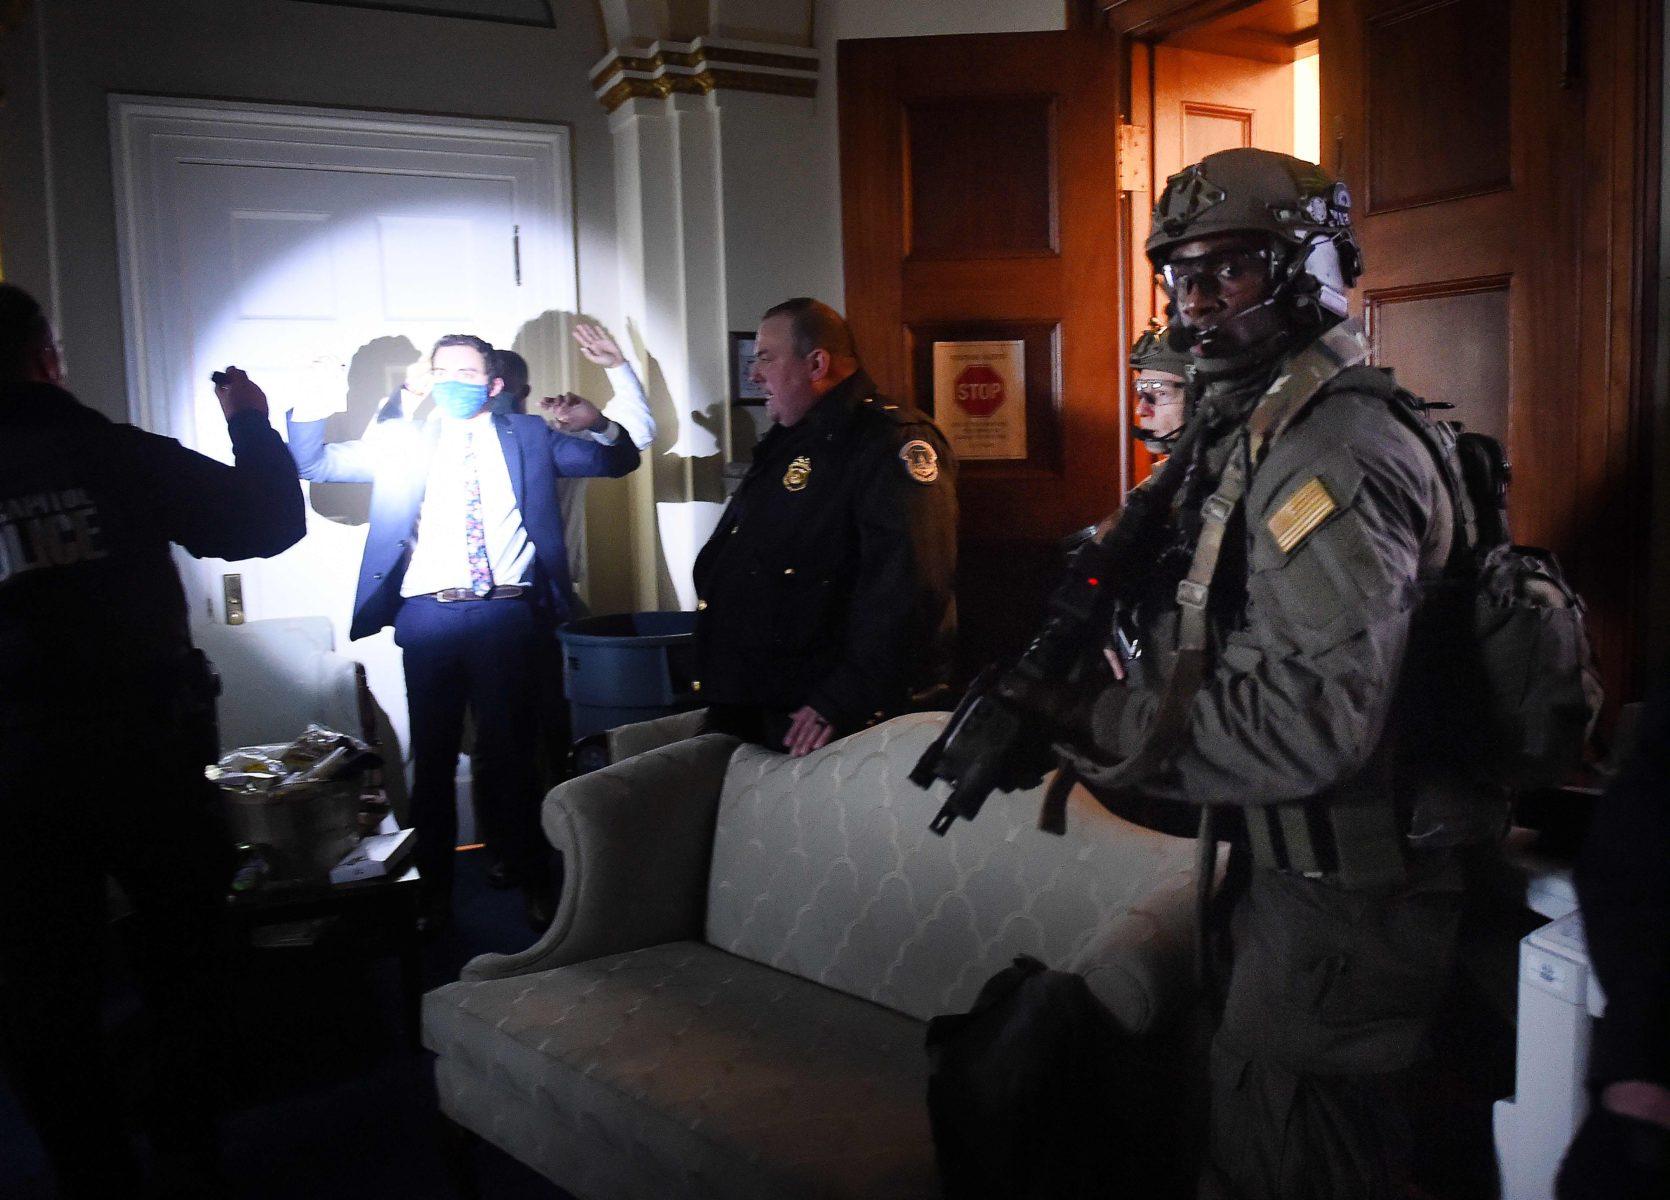 Yöllä poliisit ottivat rakennuksen haltuunsa. Kongressin työntekijä odotti kädet ylhäällä, kun Capitolin poliisin iskujoukko tarkisti huoneessa olevat.